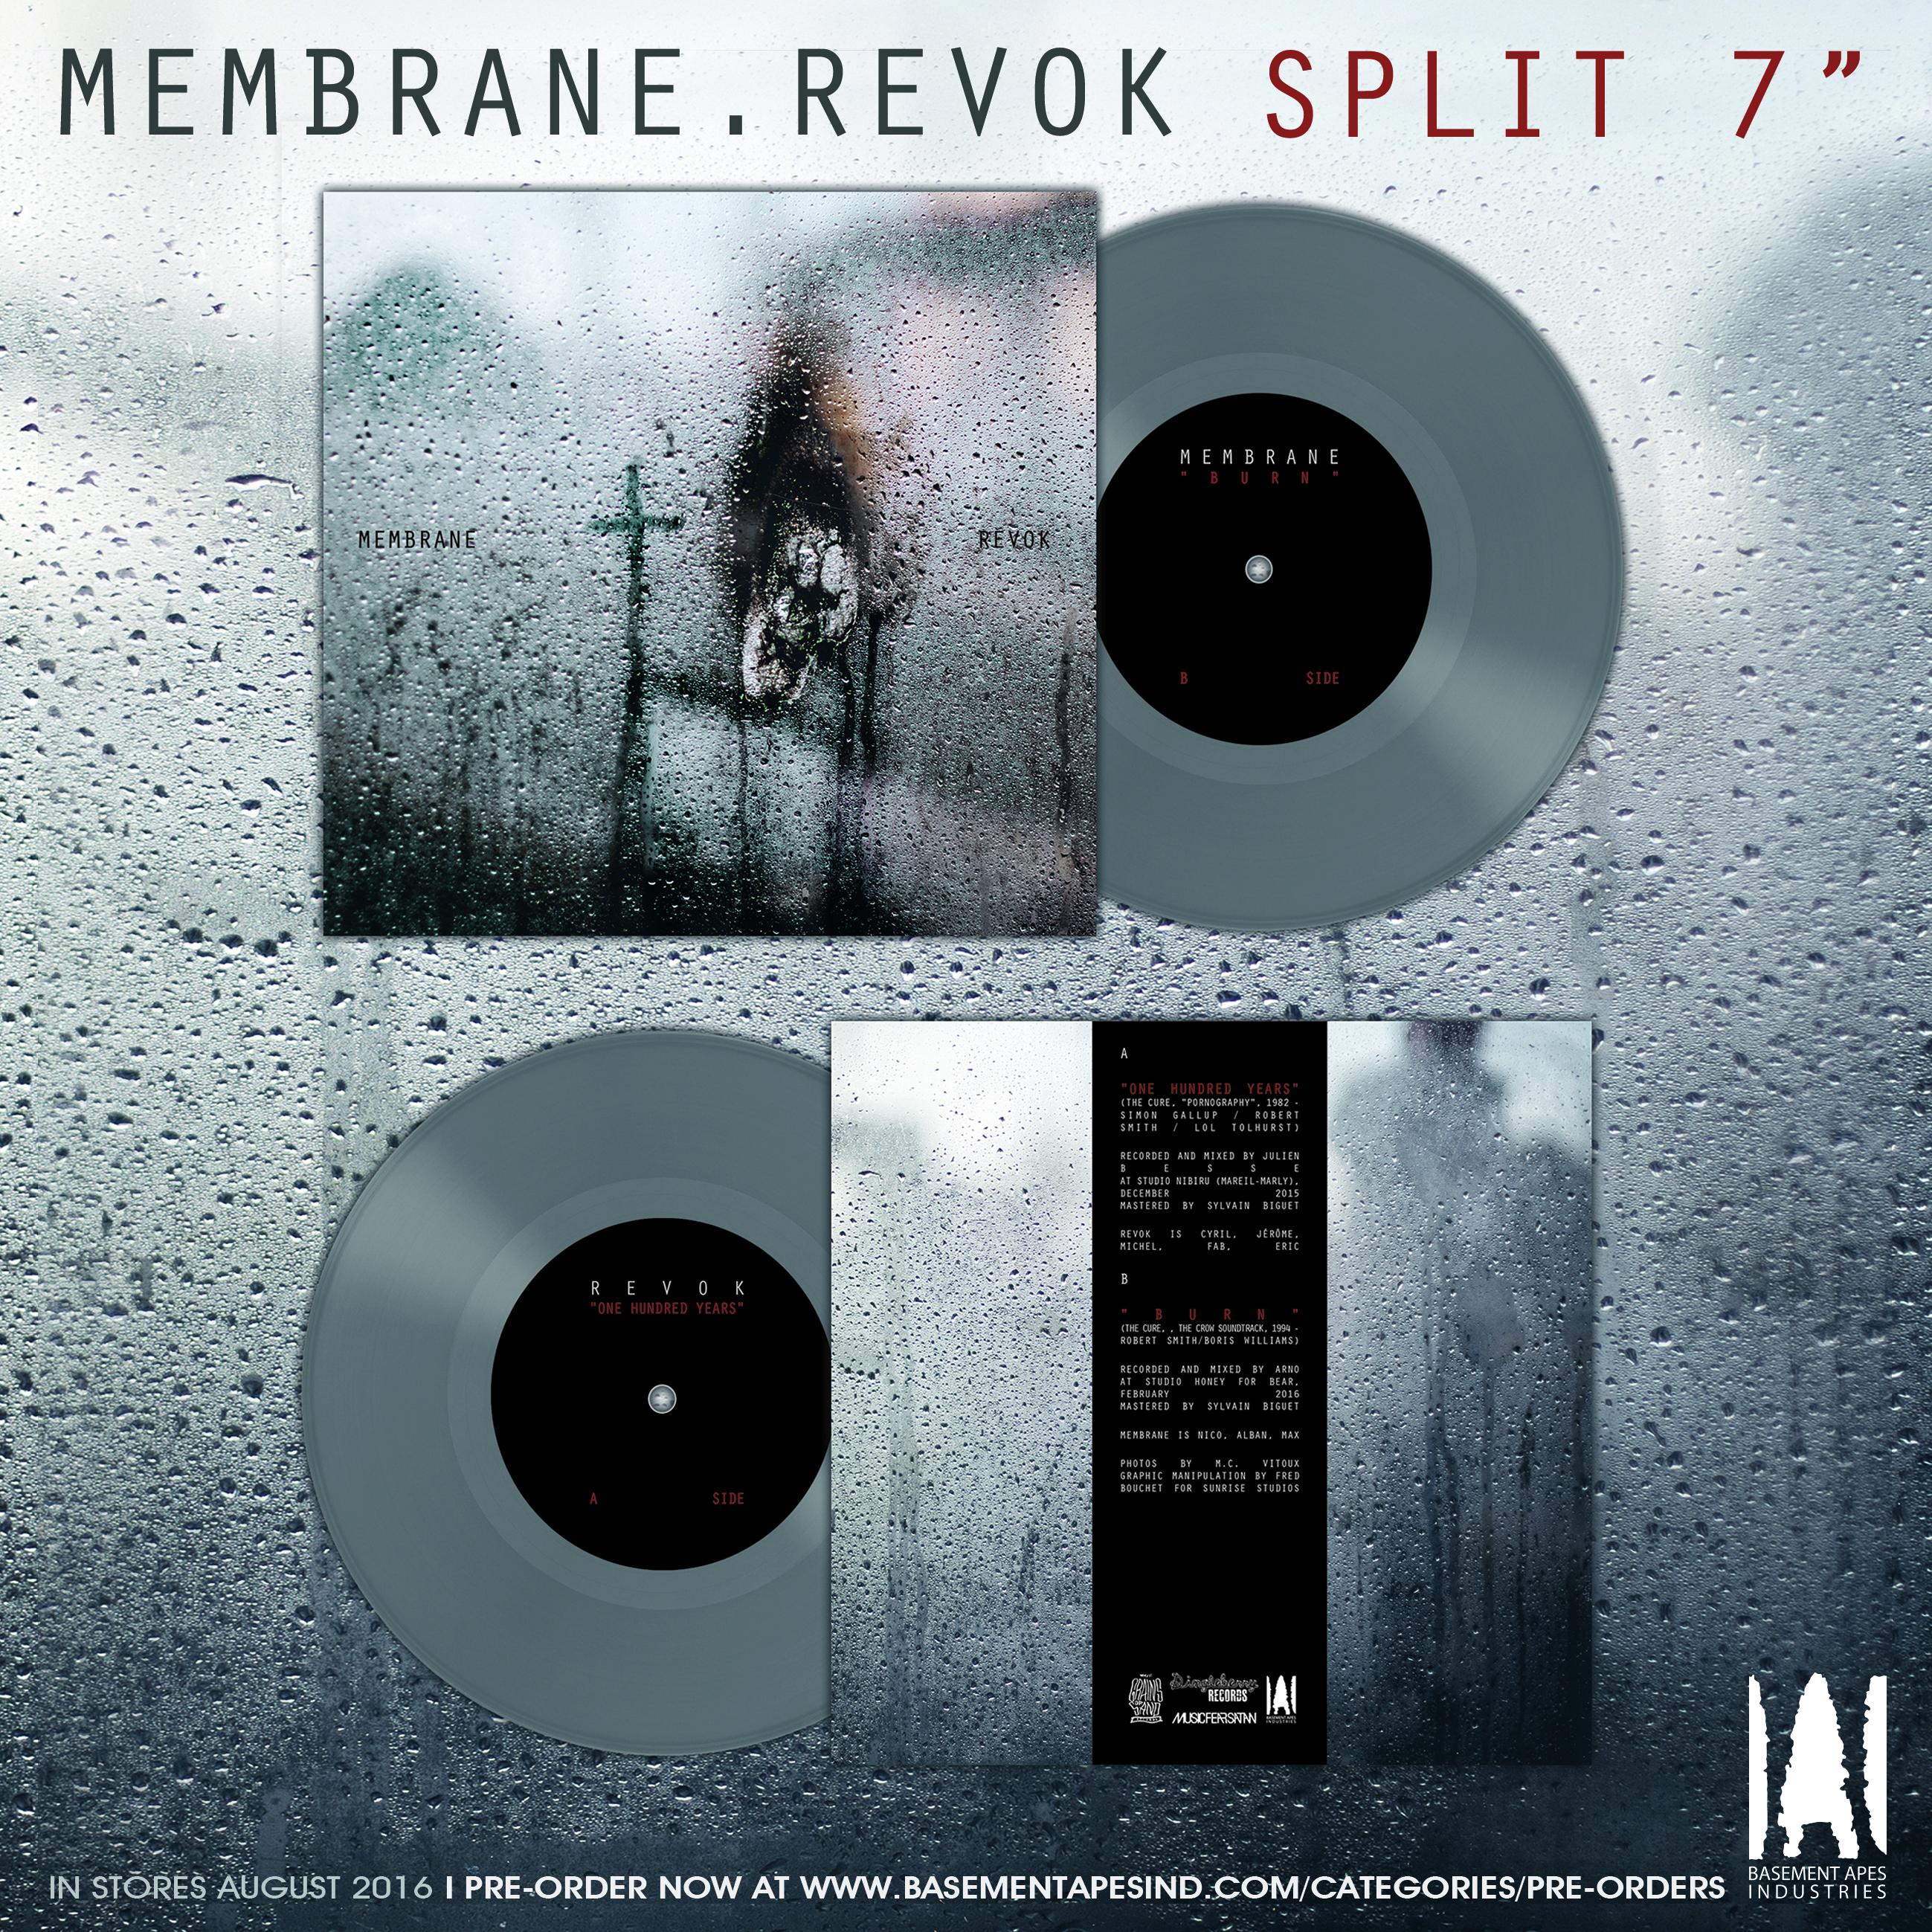 MEMBRANE I REVOK Split 7